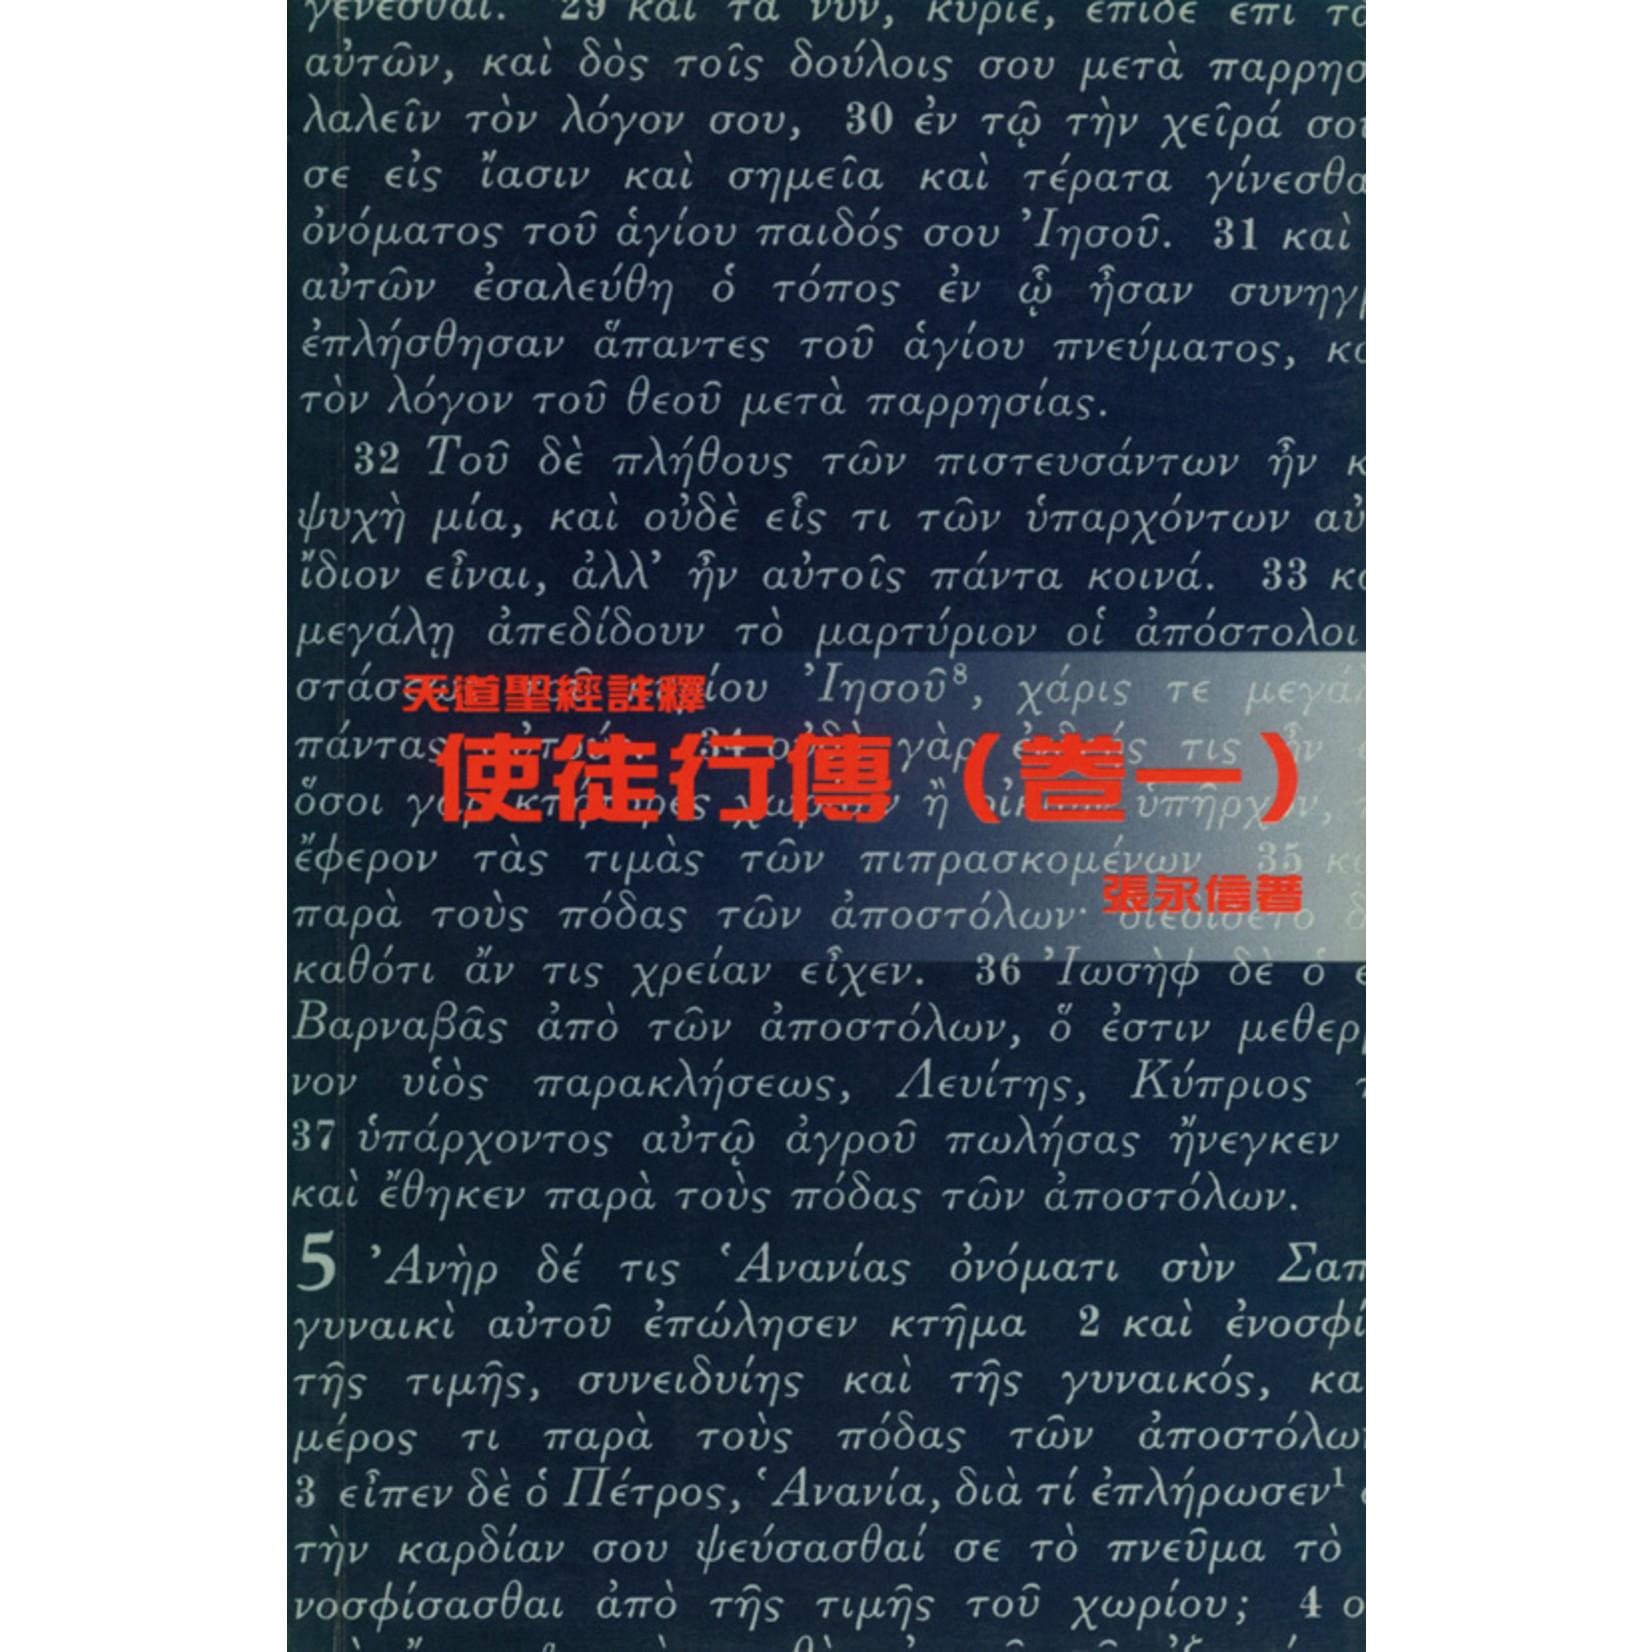 天道書樓 Tien Dao Publishing House 天道聖經註釋:使徒行傳(卷一)